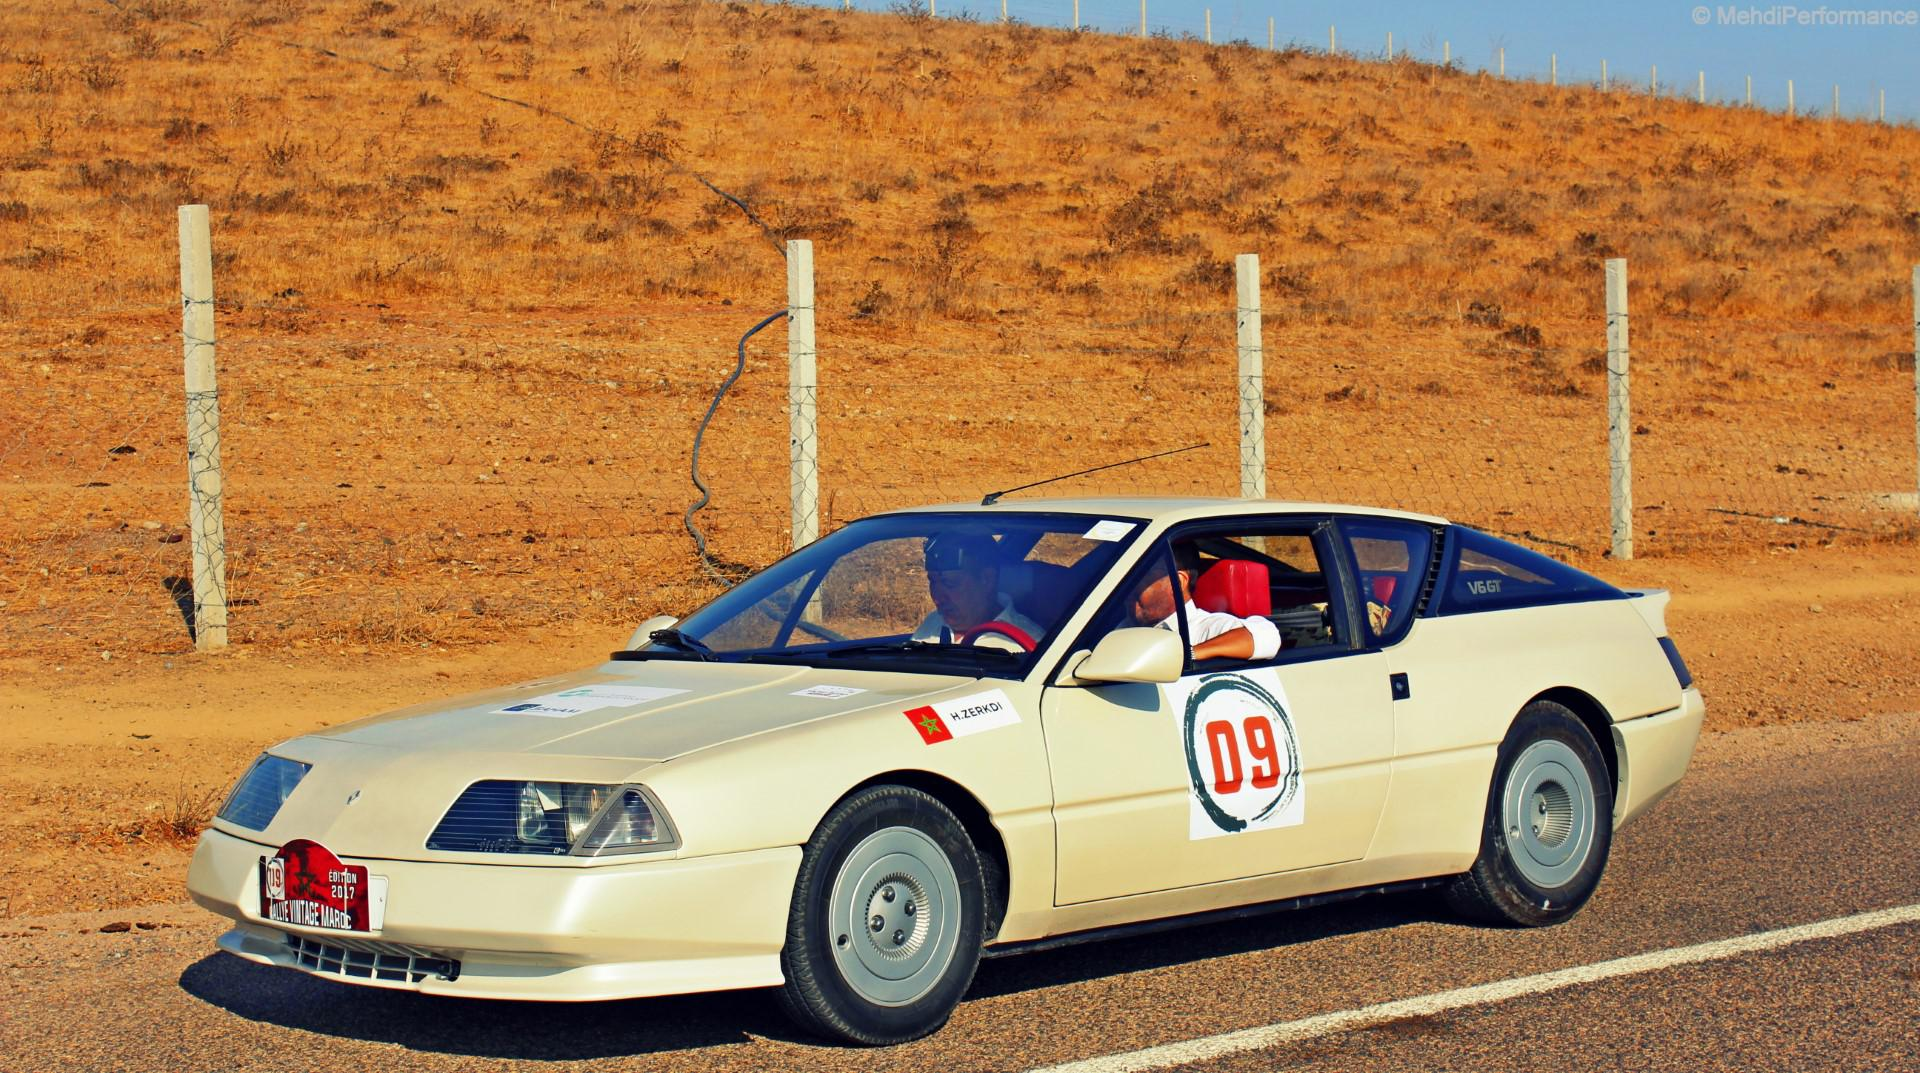 naissance-d-un-rallye-418-42.jpg